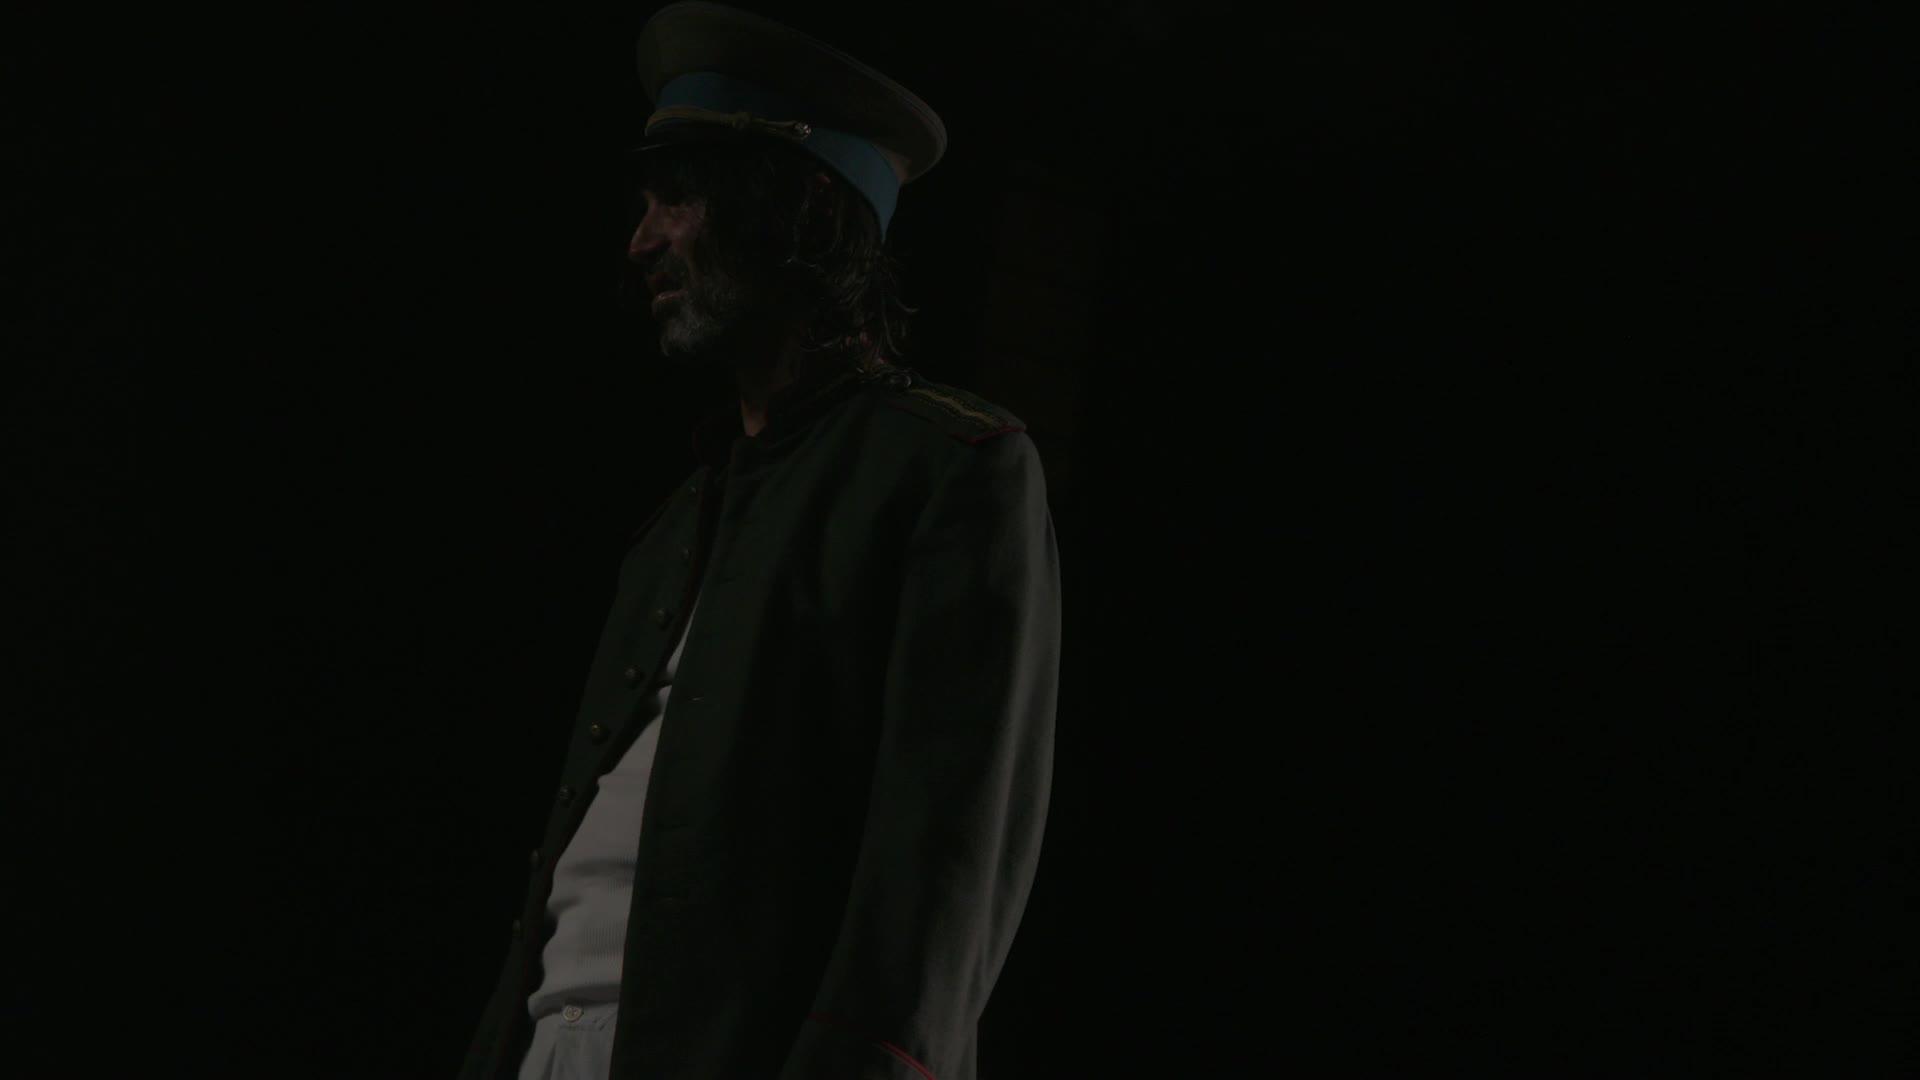 Vidéo SCHMÜRZ d'après Lagarce et Vian - teaser 2/4